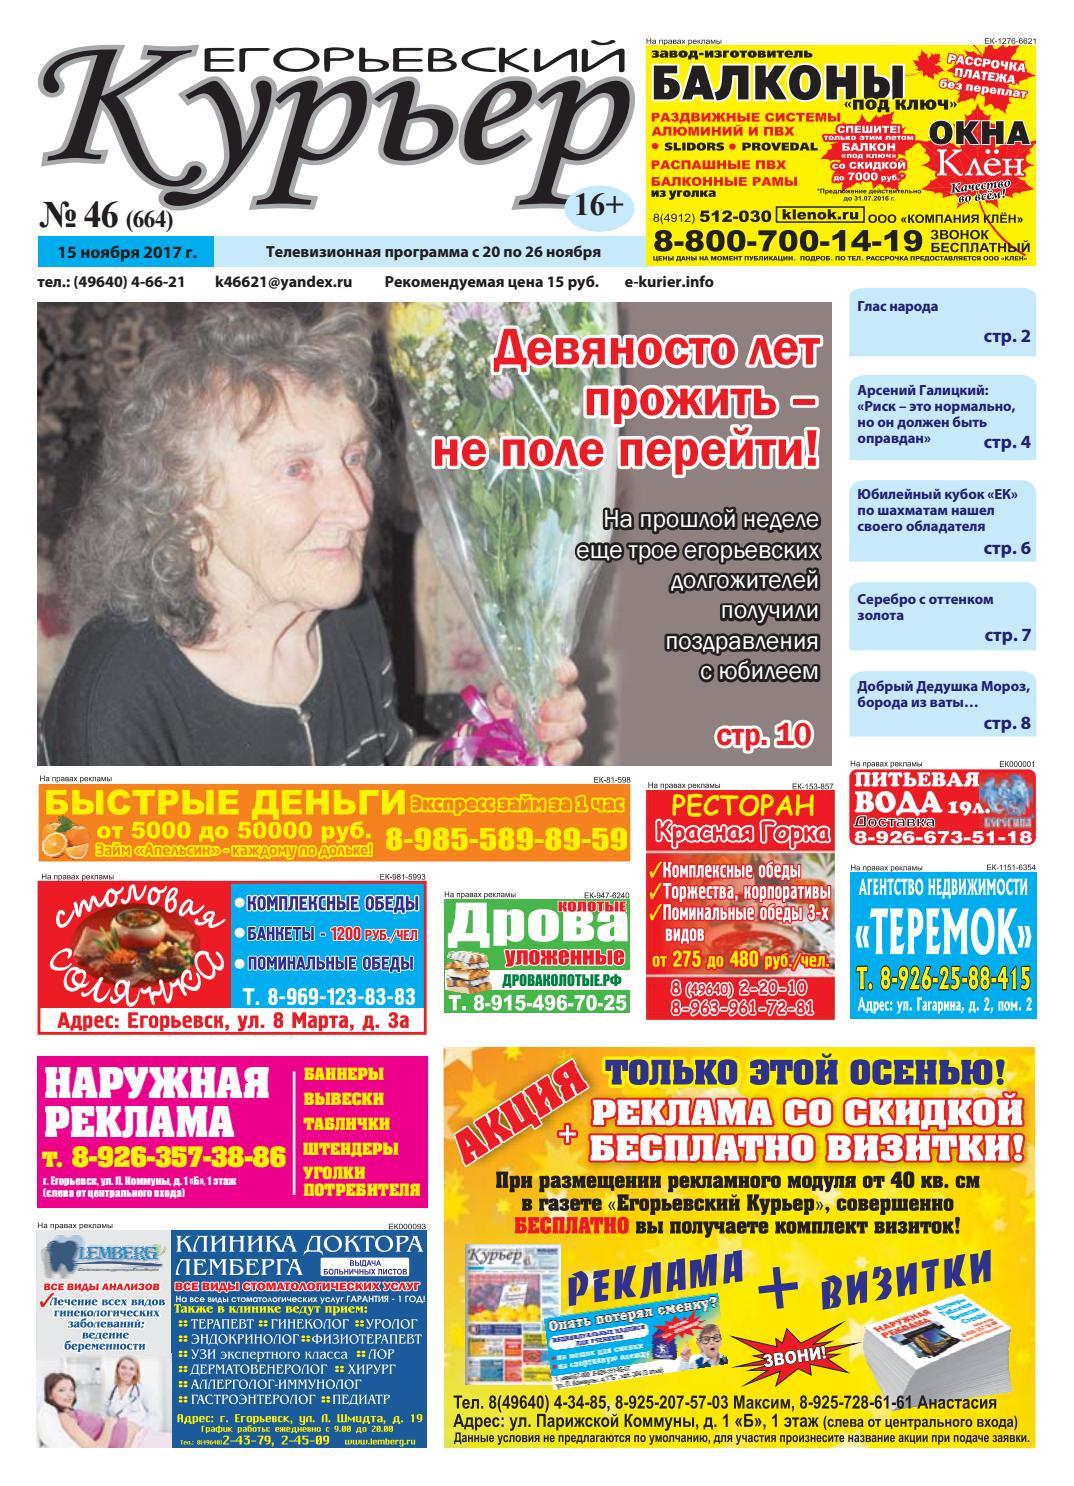 Килограмм алюминия цена в Ильинский Погост куплю чермет в Алексино-Шатур